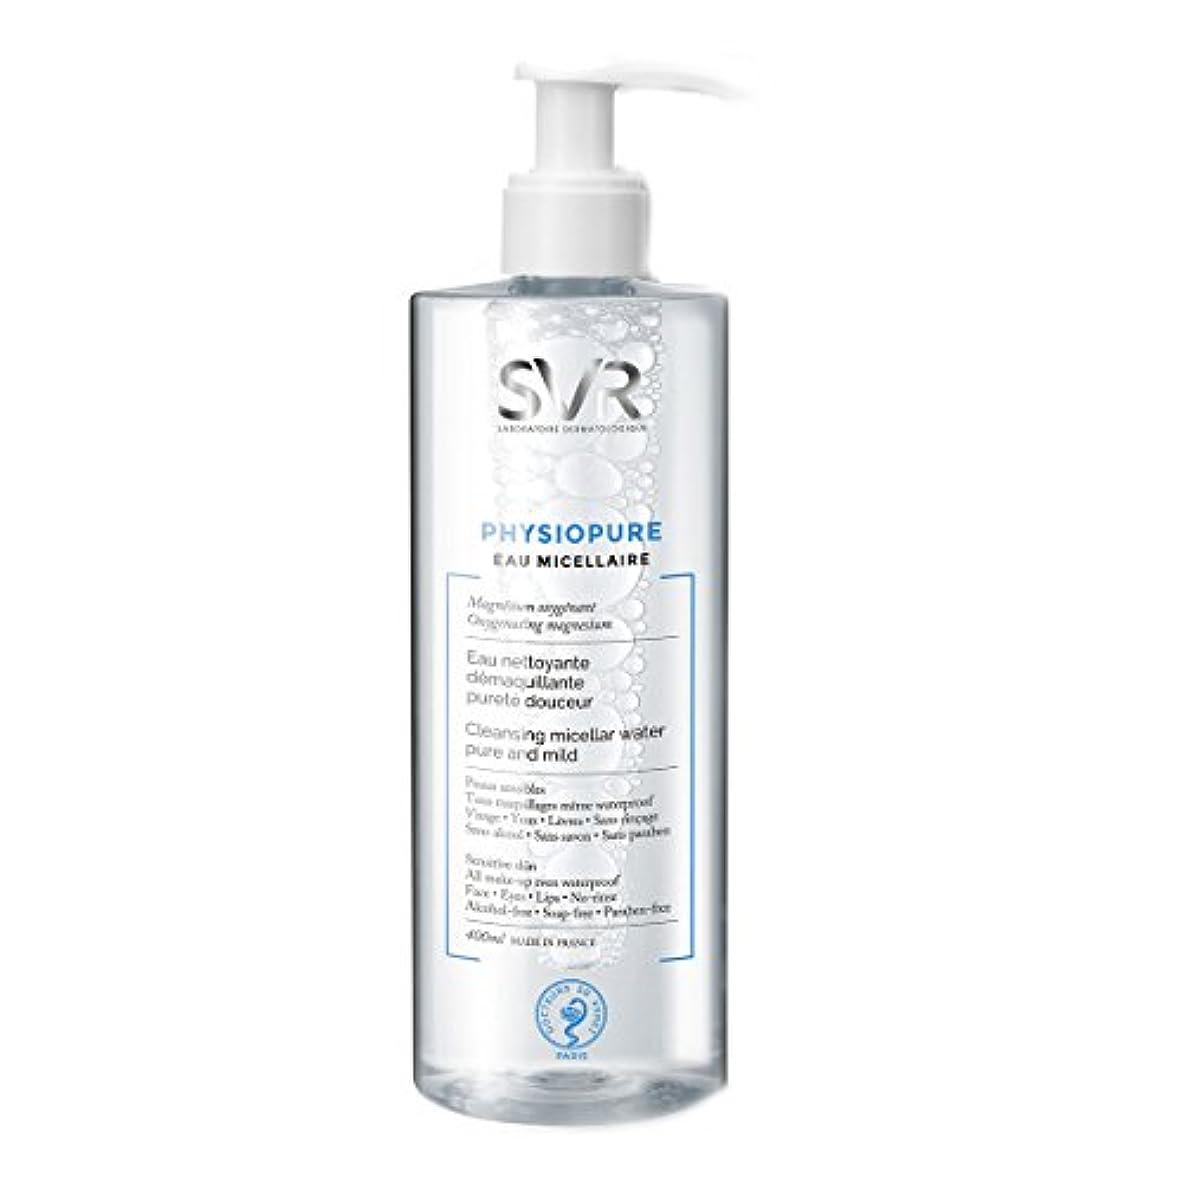 モンスター痴漢知るSvr Physiopure Cleansing Micellar Water 400ml [並行輸入品]